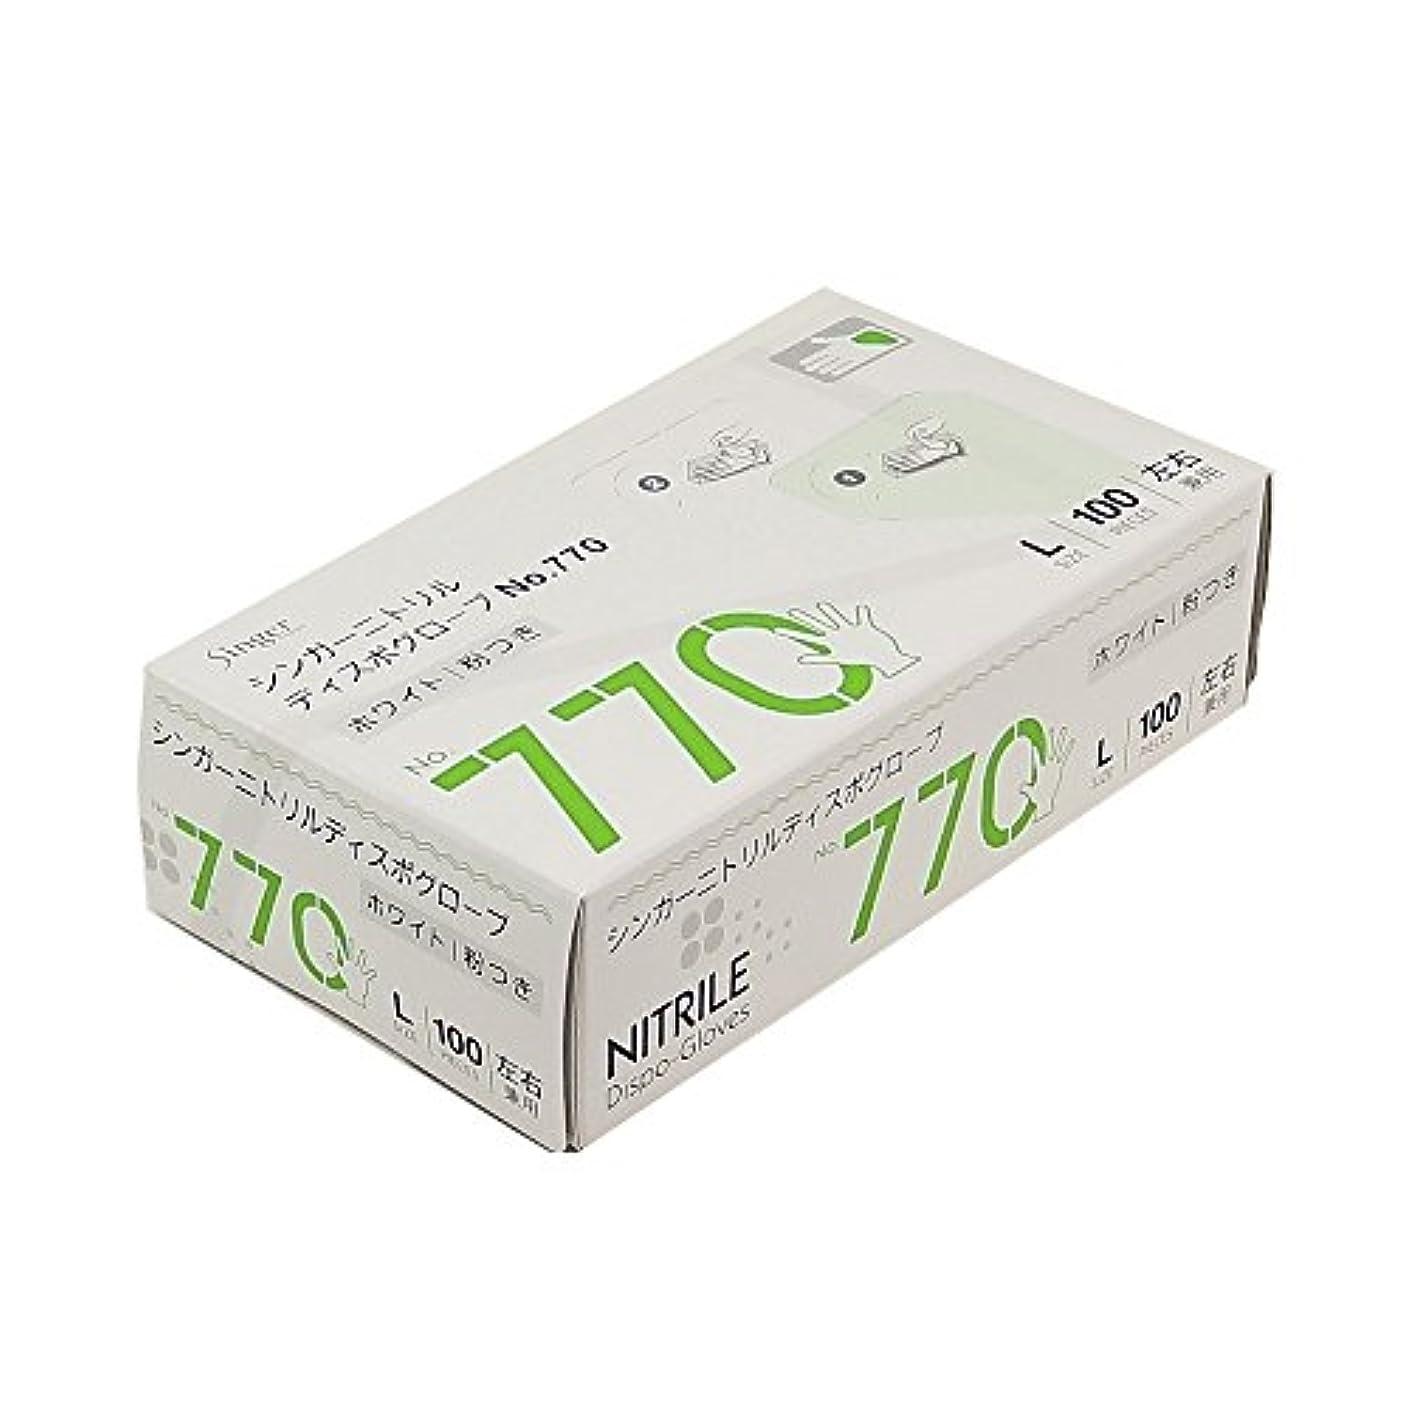 ベックス作曲家主宇都宮製作 ディスポ手袋 シンガーニトリルディスポグローブ No.770 ホワイト 粉付 100枚入  L